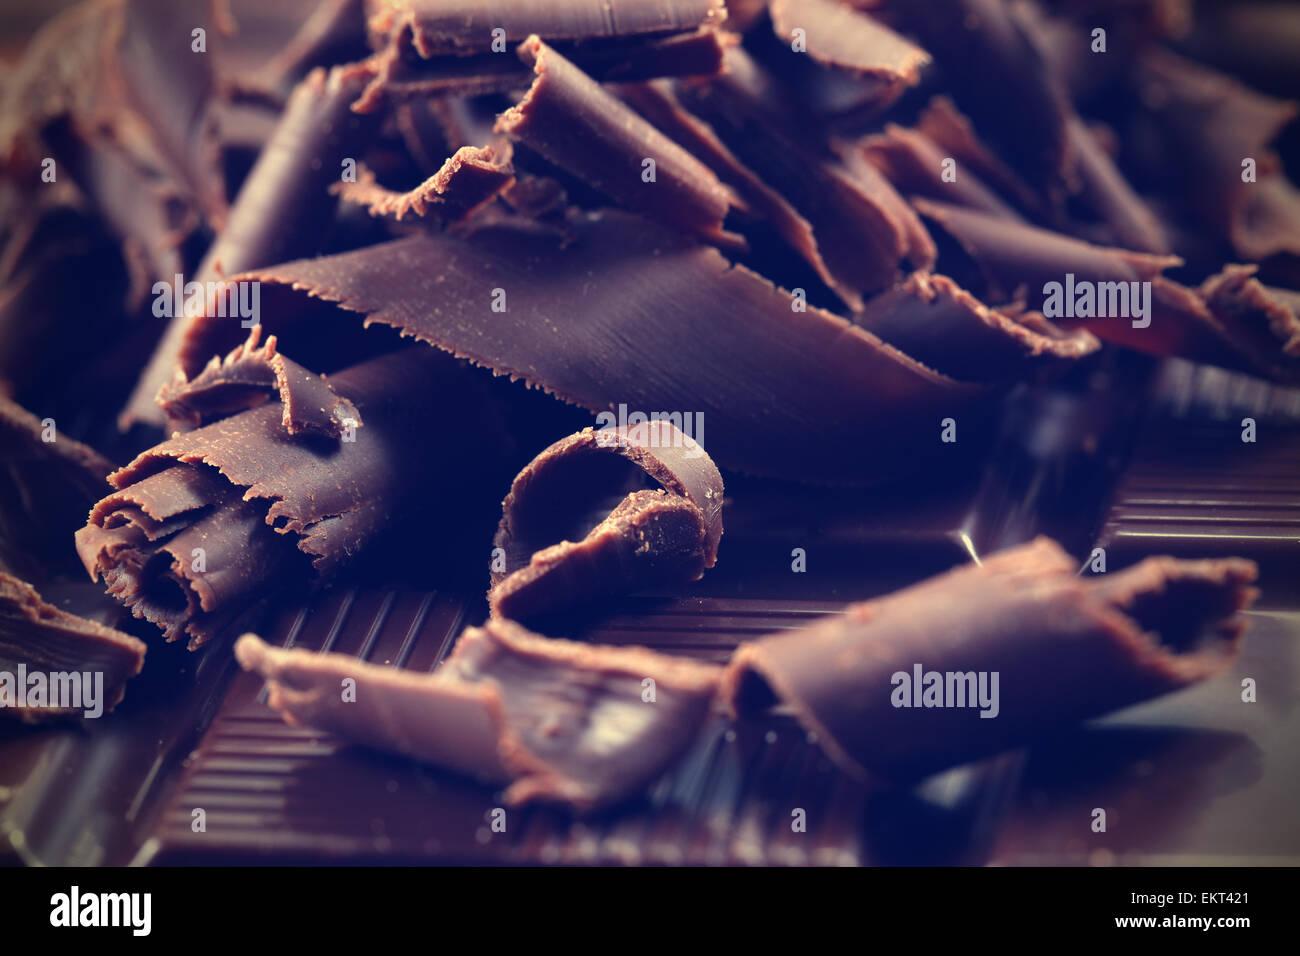 Cioccolato fondente trucioli Immagini Stock